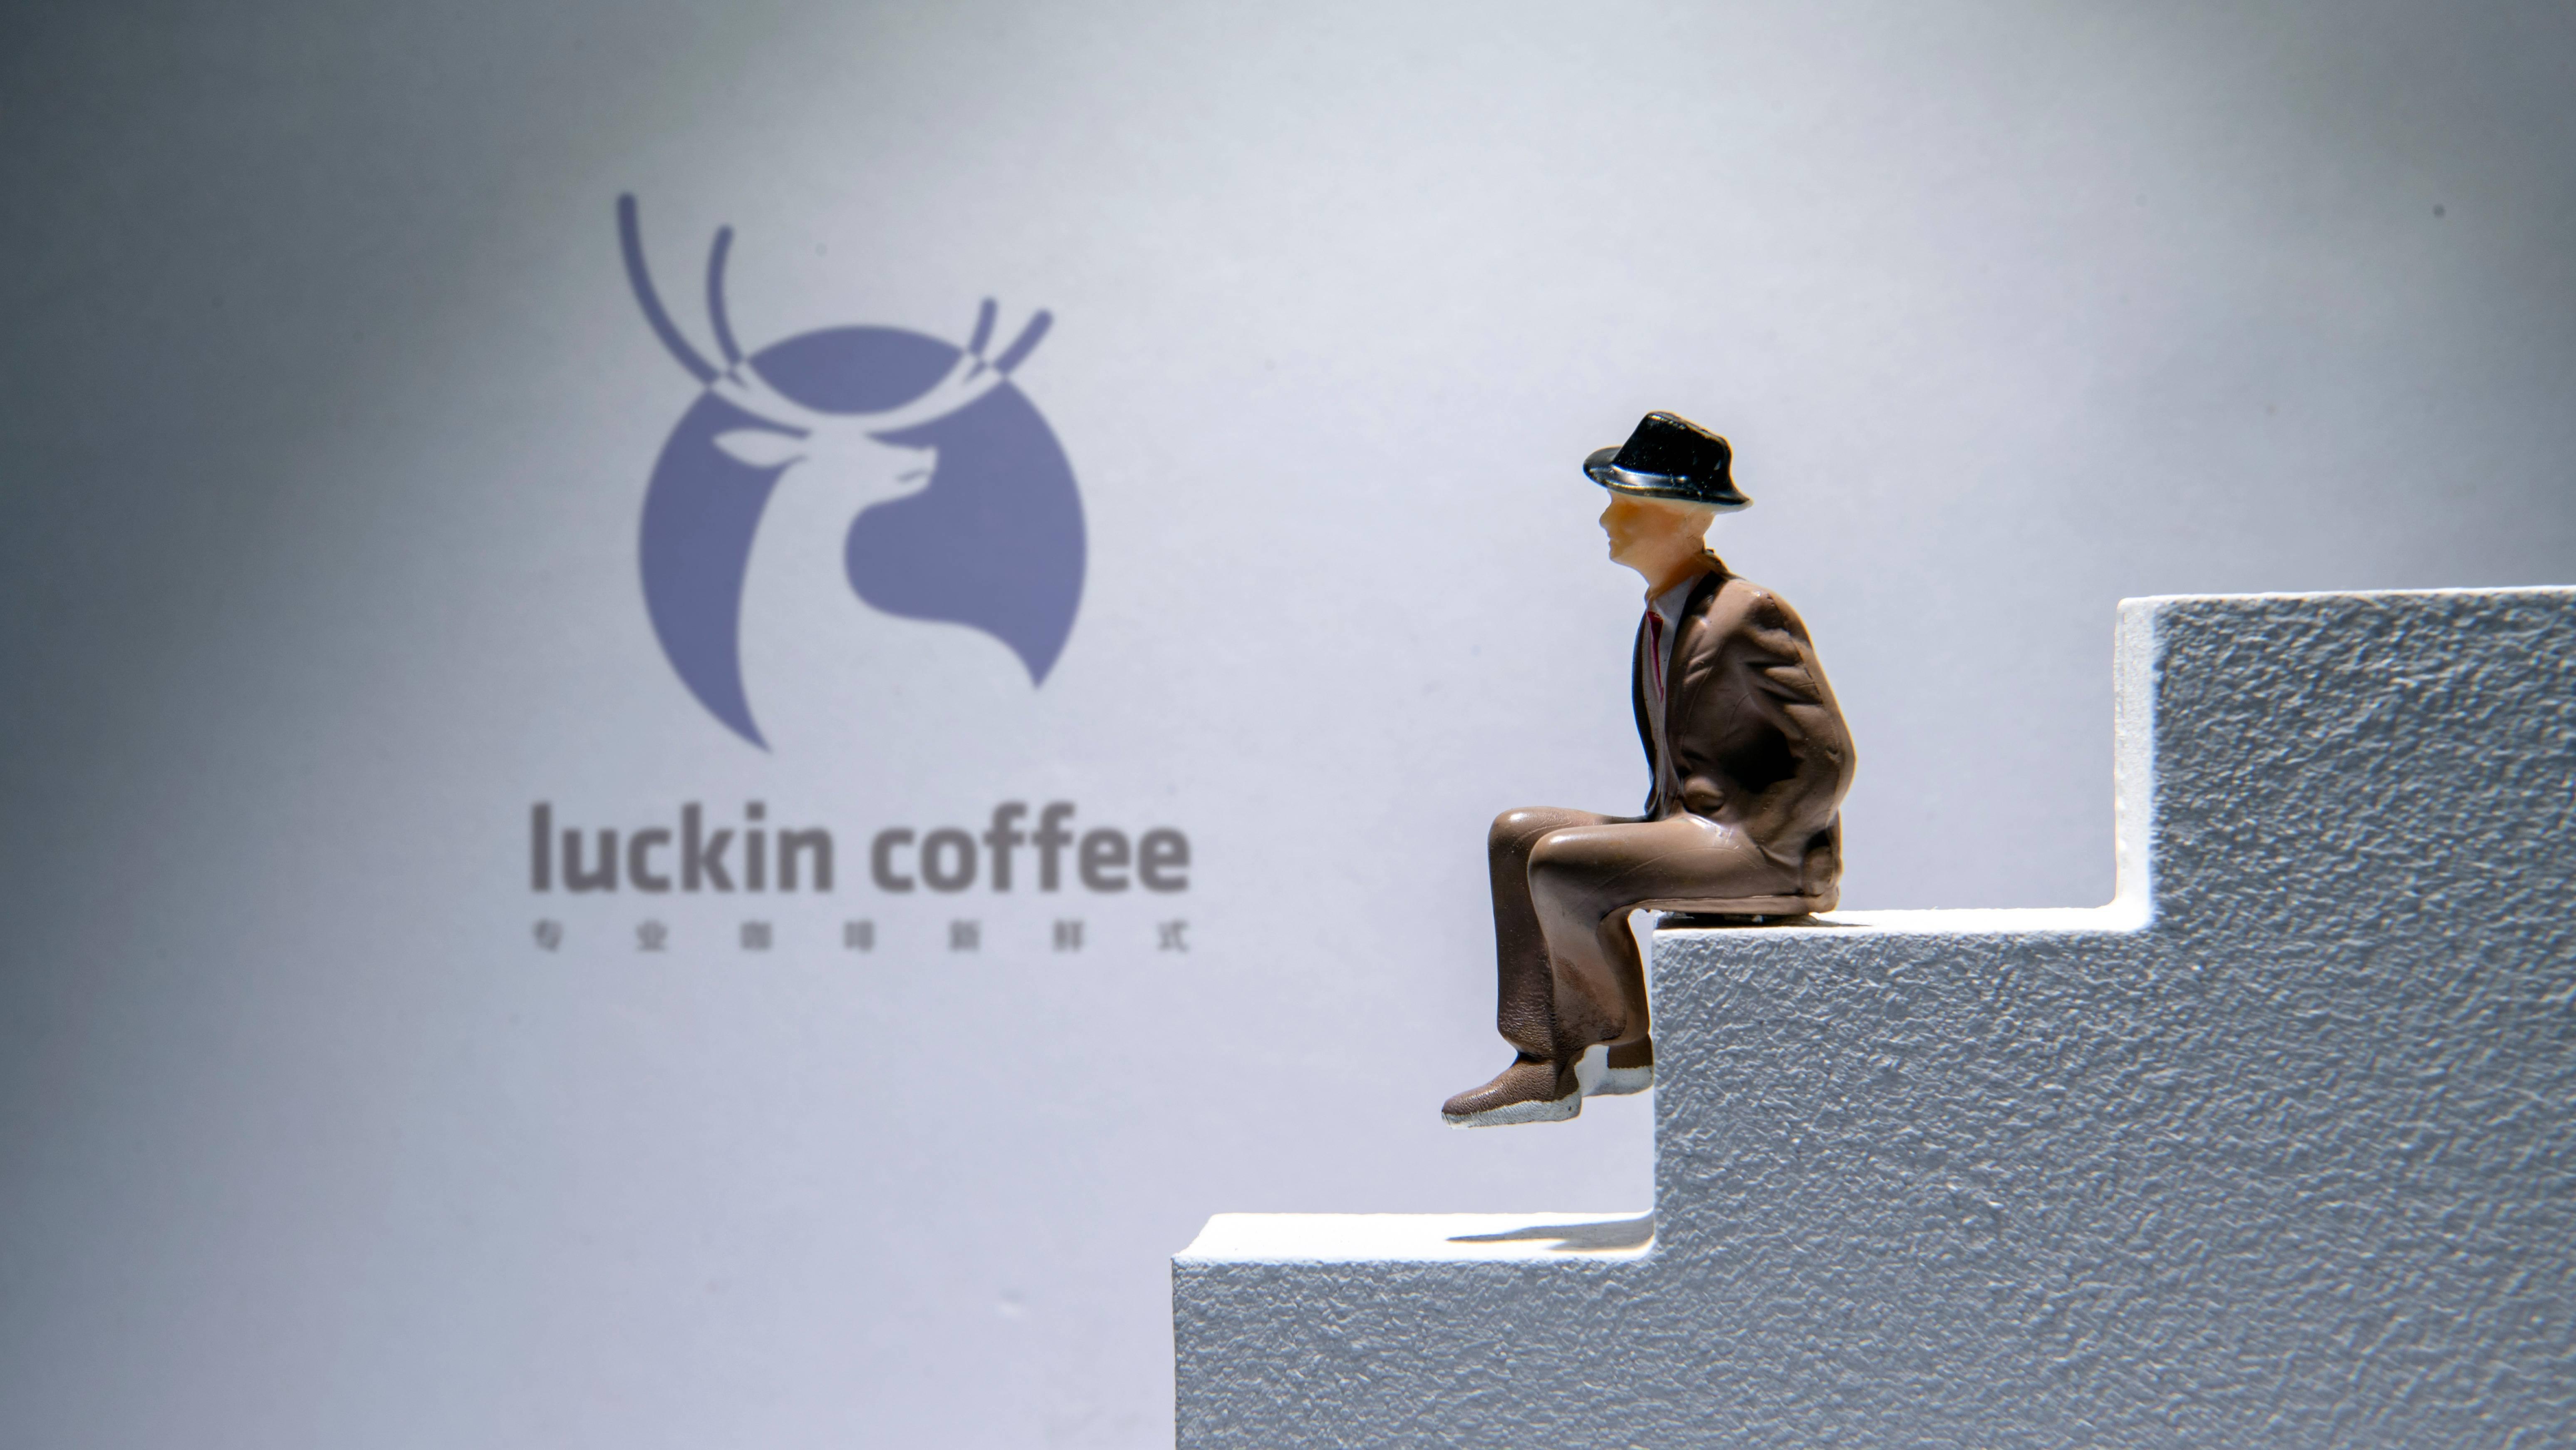 【虎嗅早报】瑞幸咖啡今日停牌;2020年国内成品油首次上调